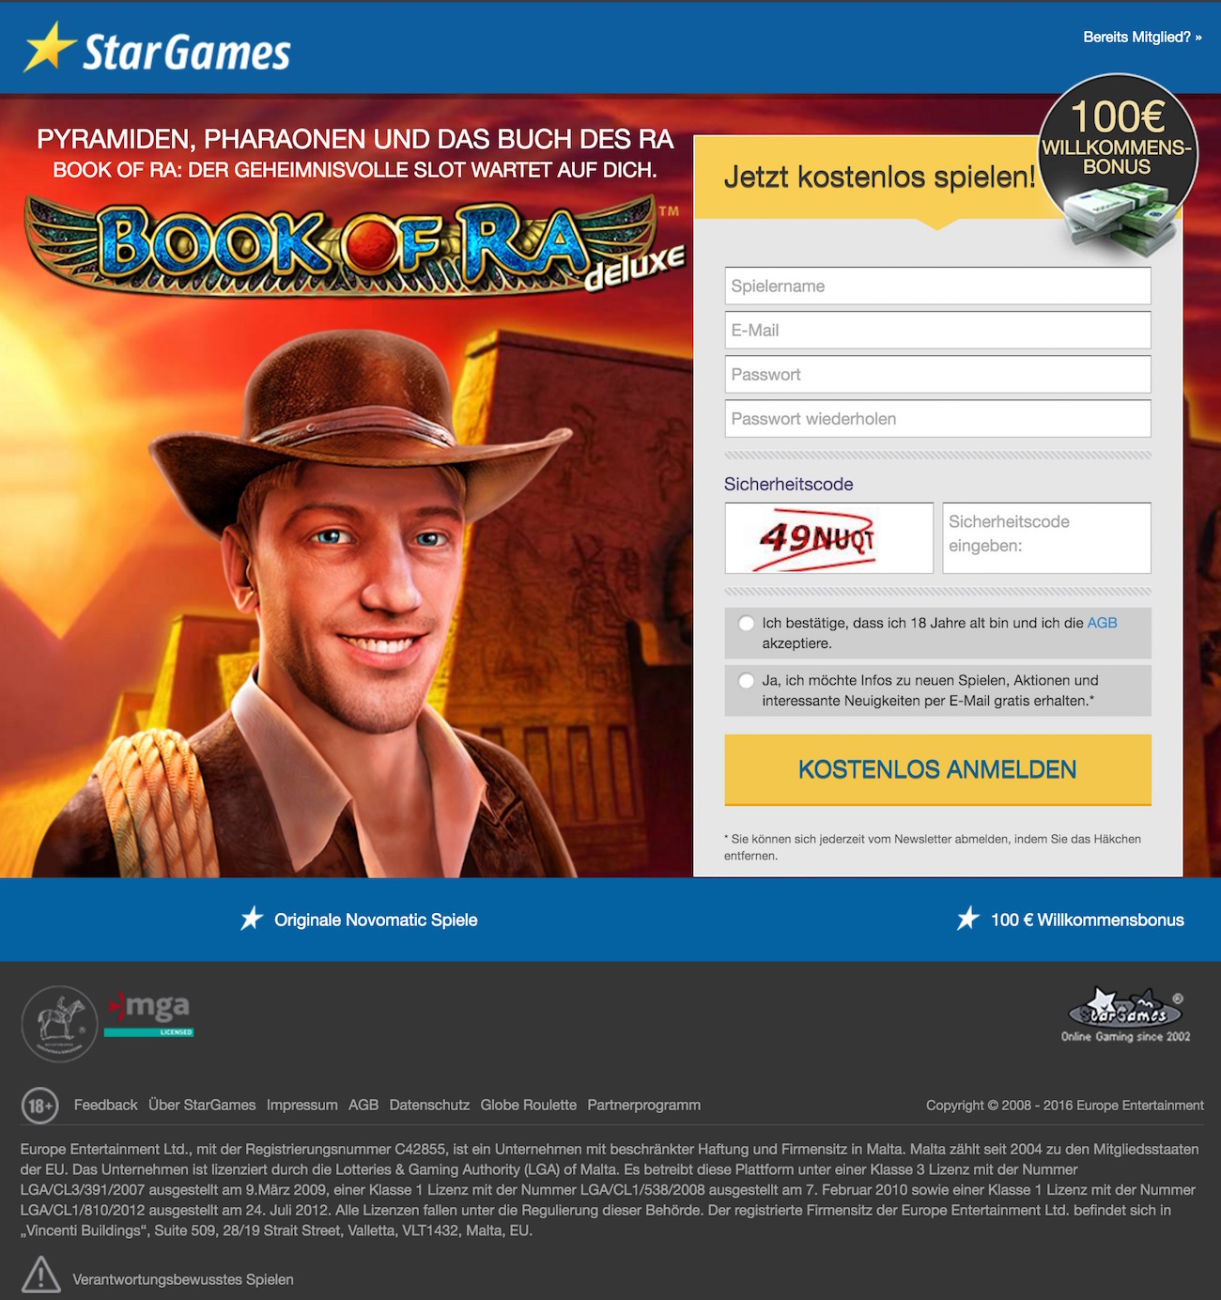 stargames bonus juli 2017